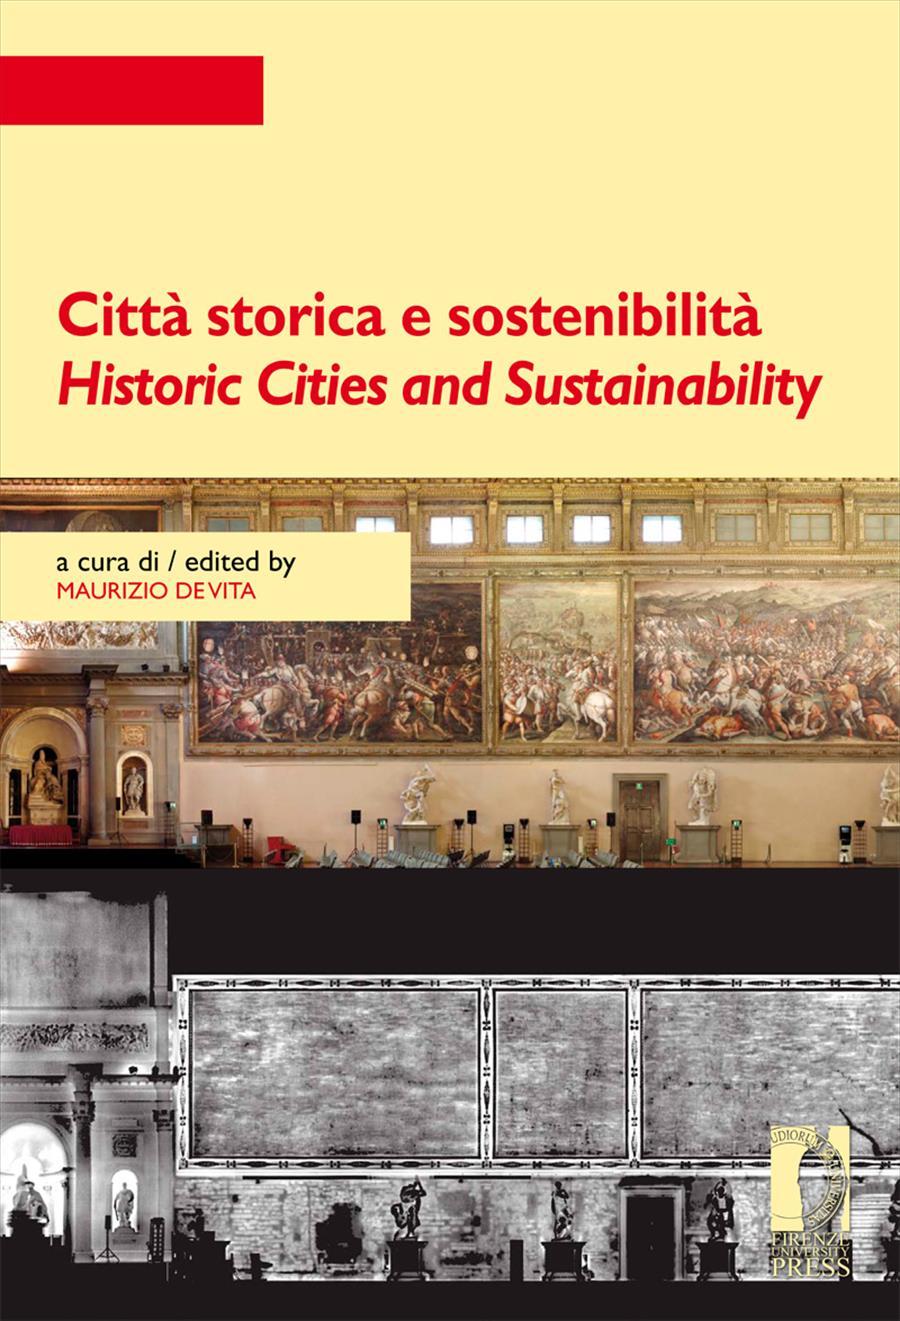 Città storica e sostenibilità / Historic Cities and Sustainability